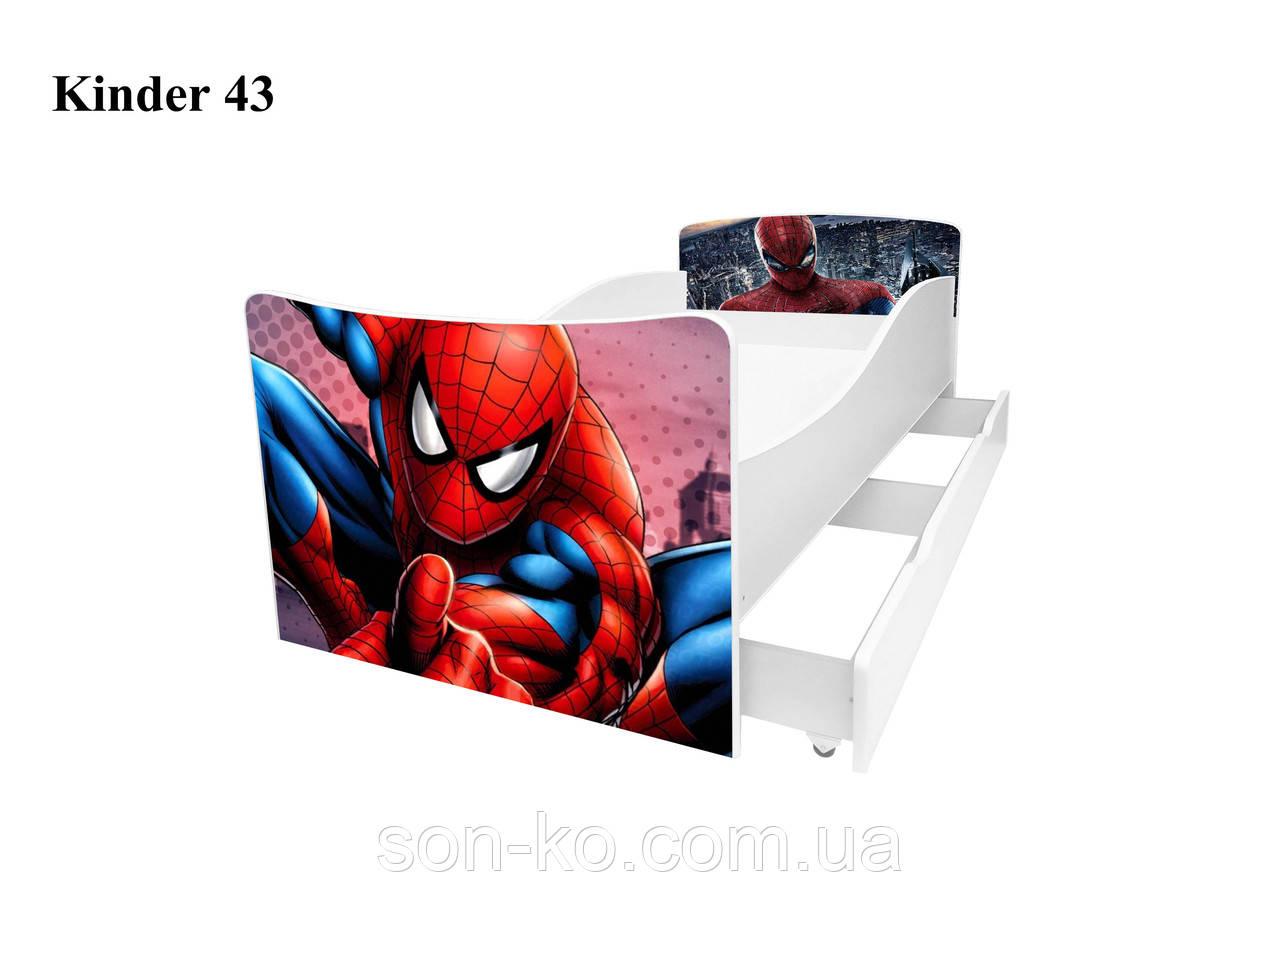 Ліжко дитяче Кіндер Людина-Павук. Безкоштовна доставка